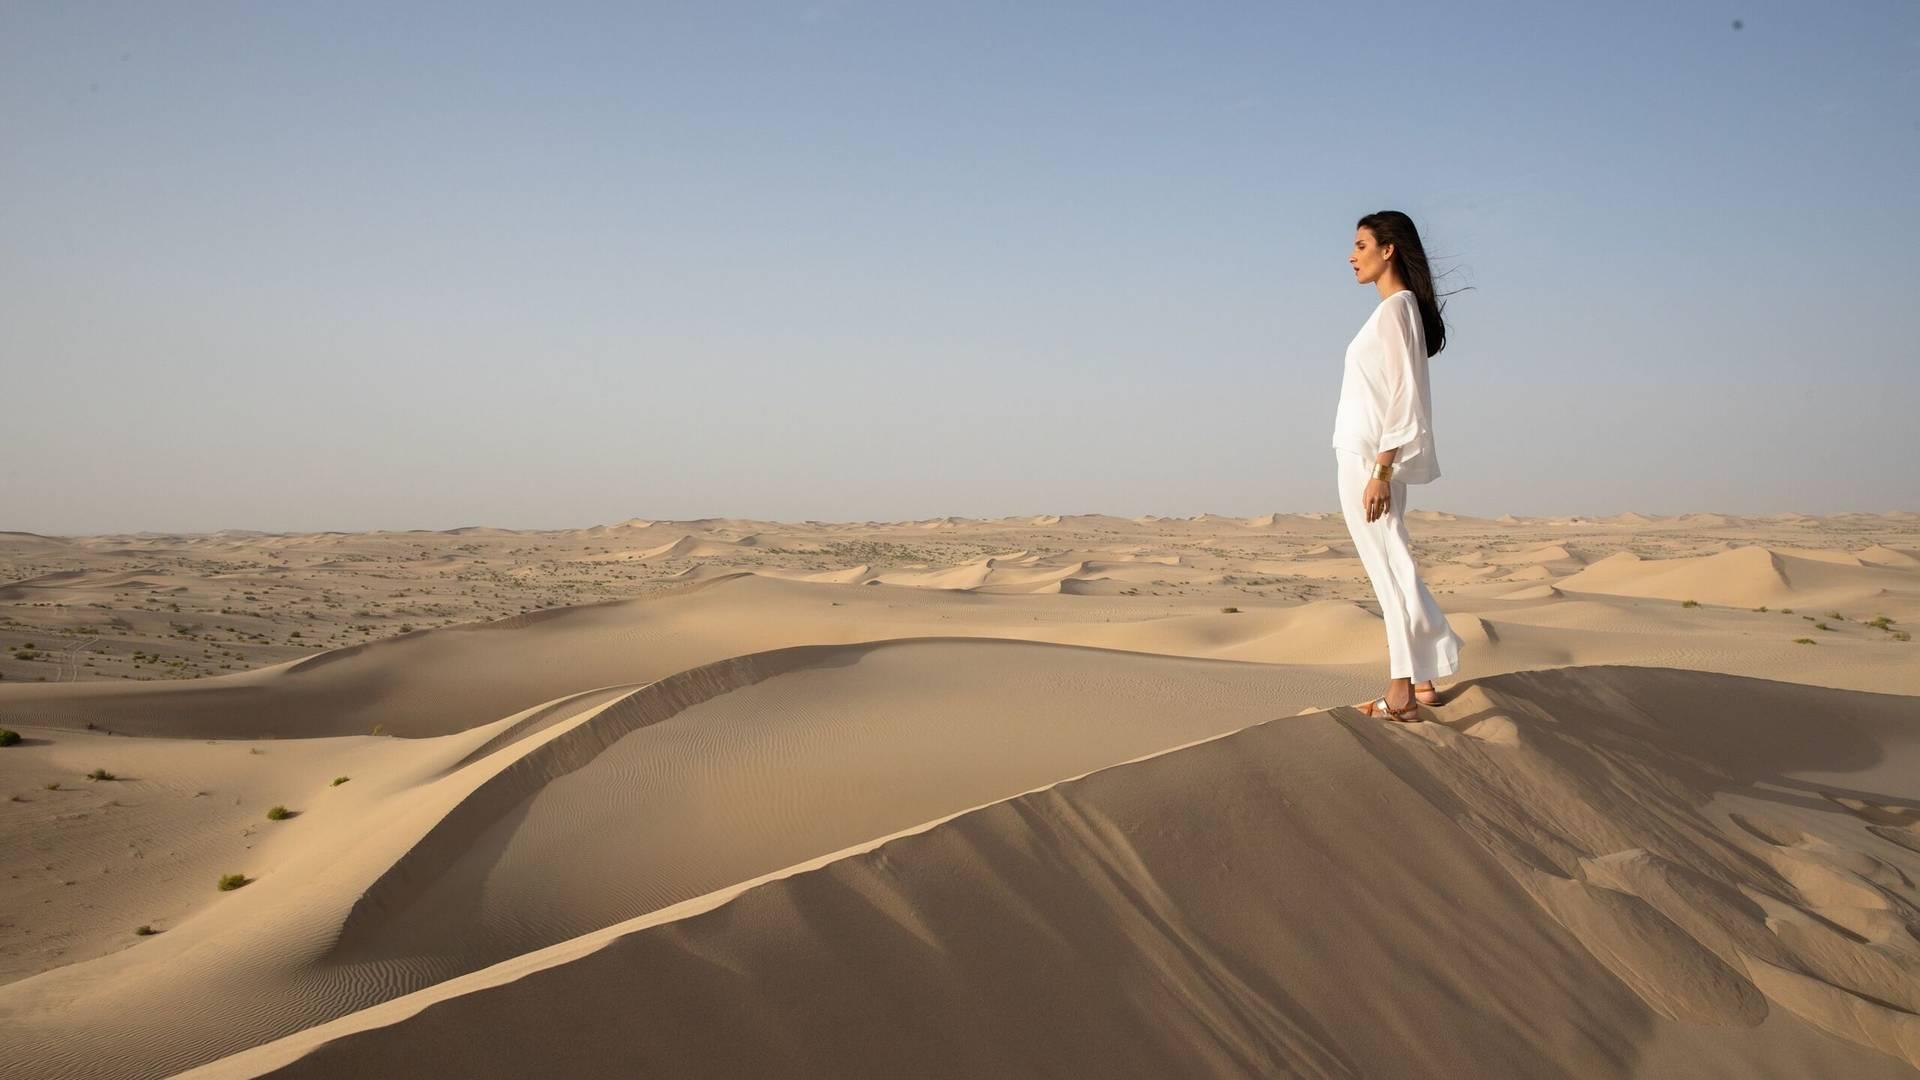 Sand dunes in Dubai's desert